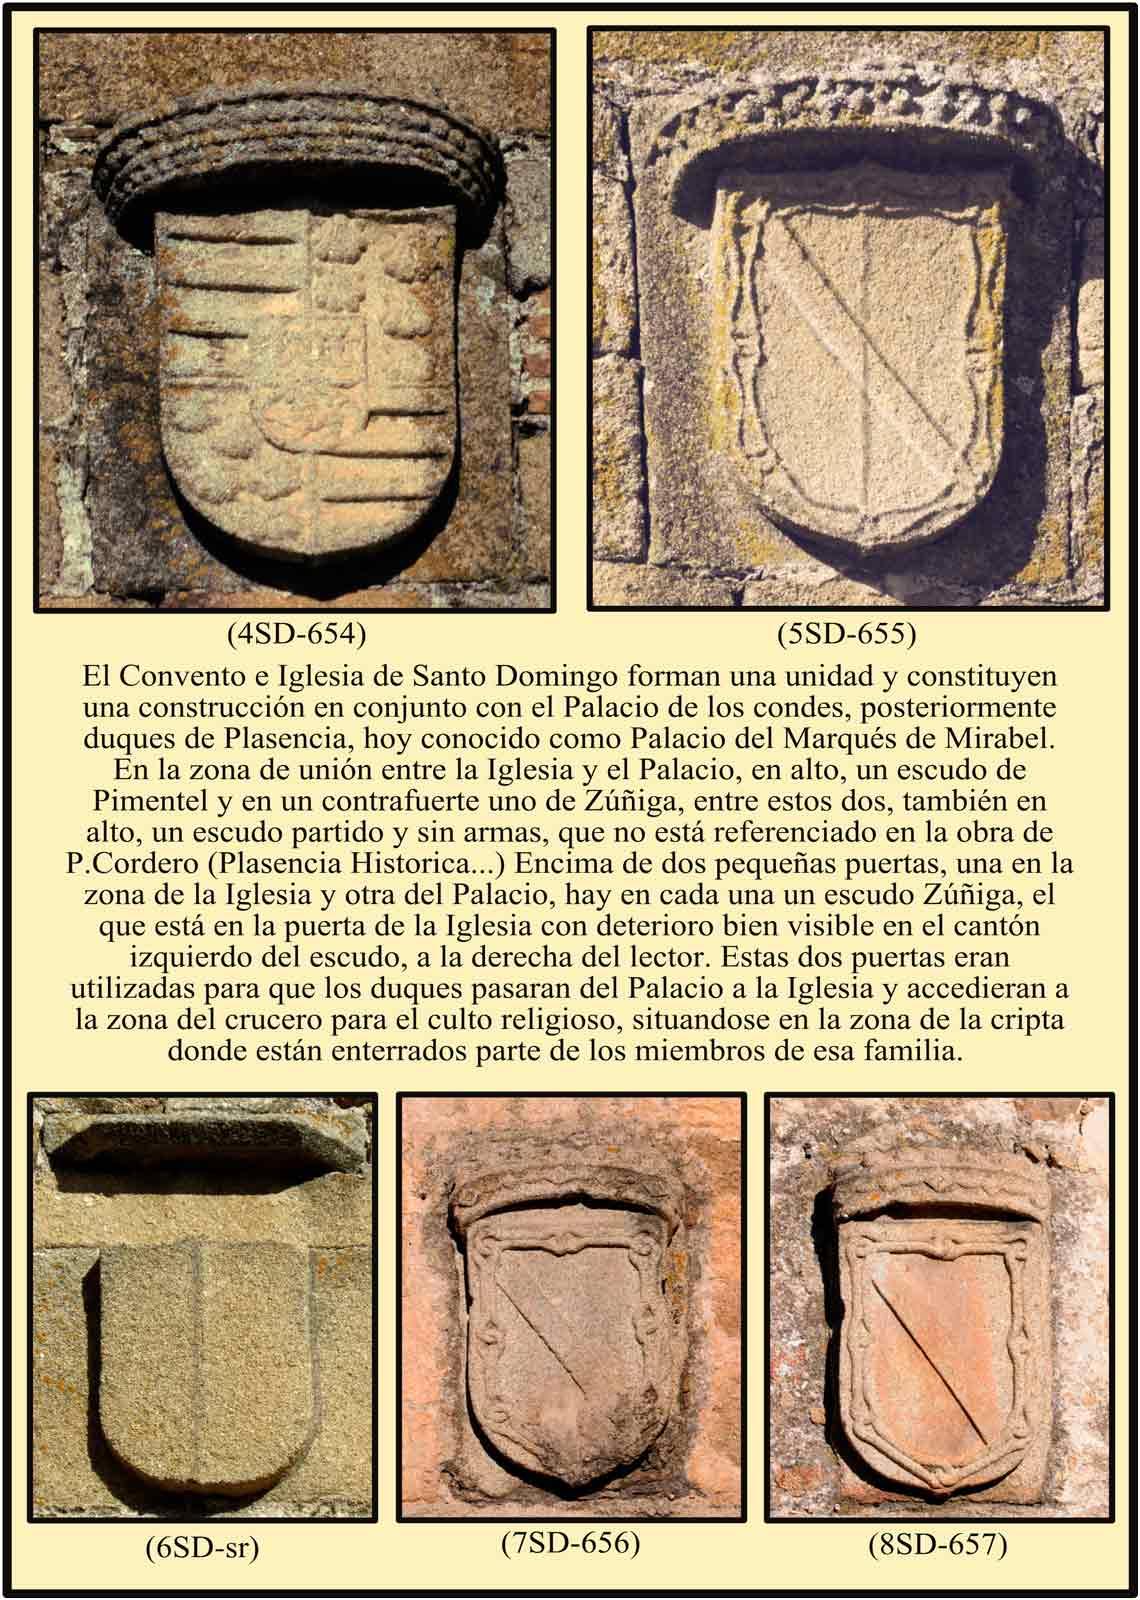 Fachada de Santo Domingo Escudos Zuñiga Pimentel